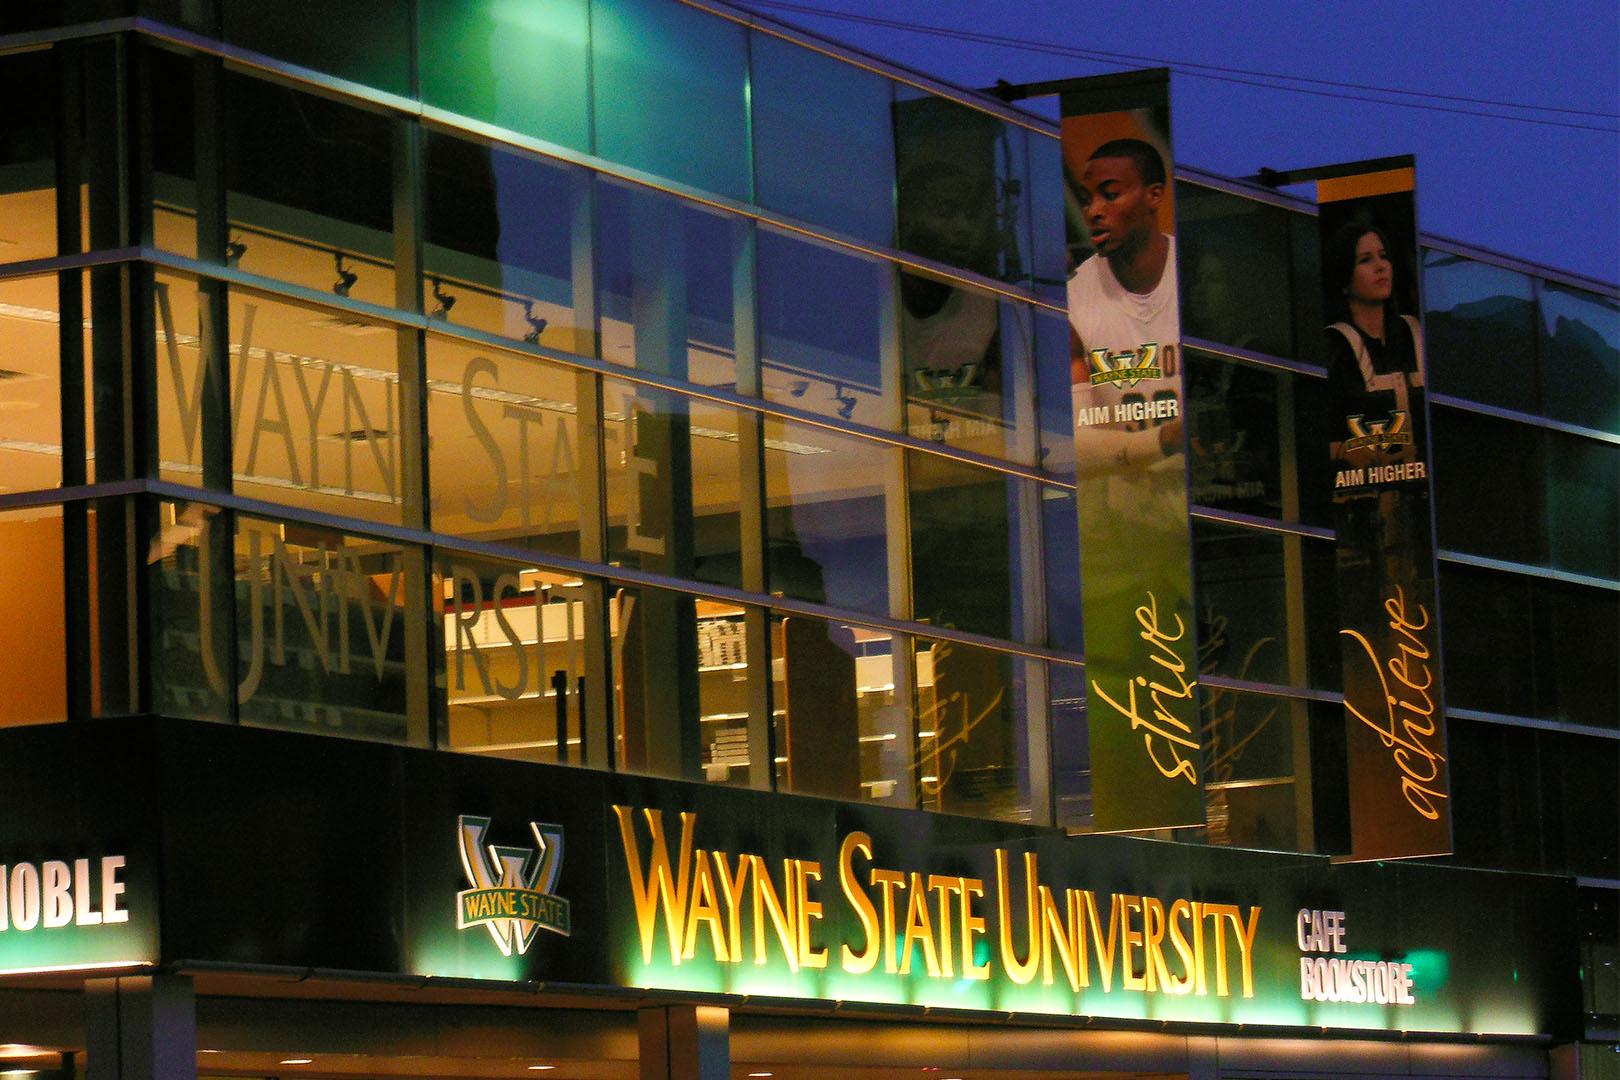 Wayne State University Bookstore